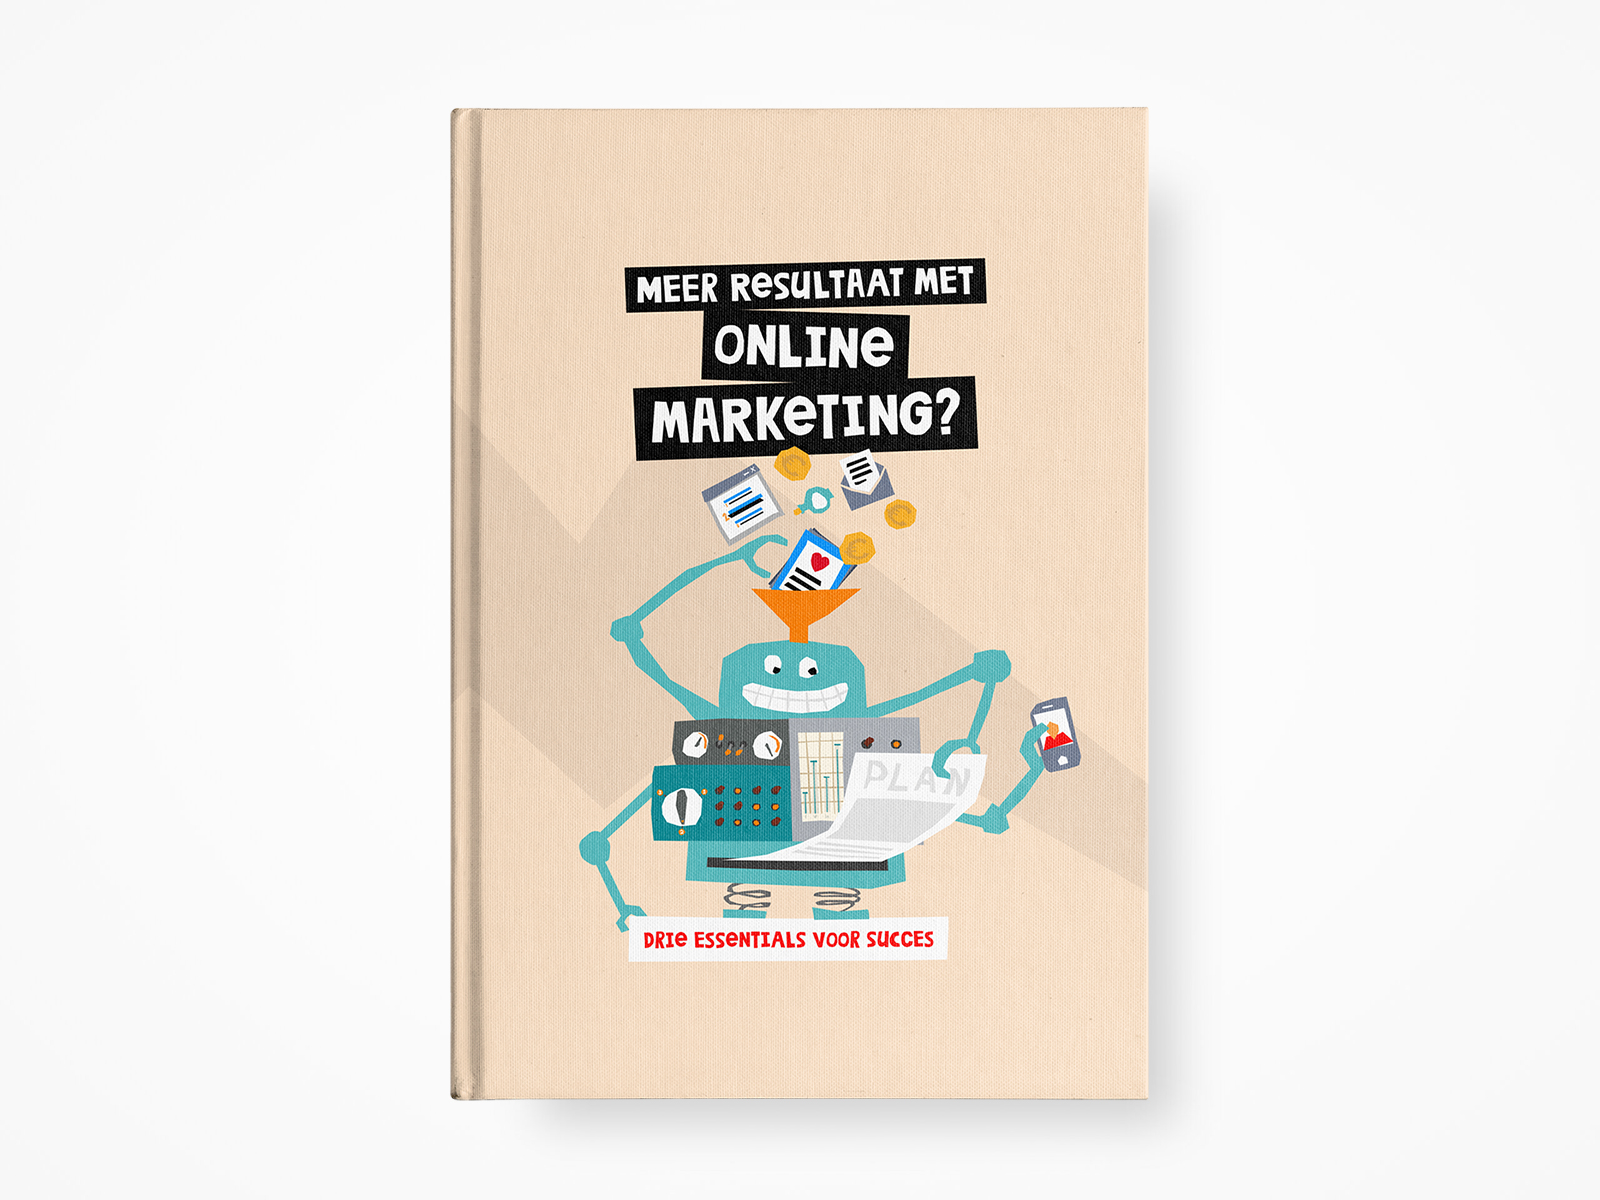 Meer resultaat met online marketing? - horizon webinar